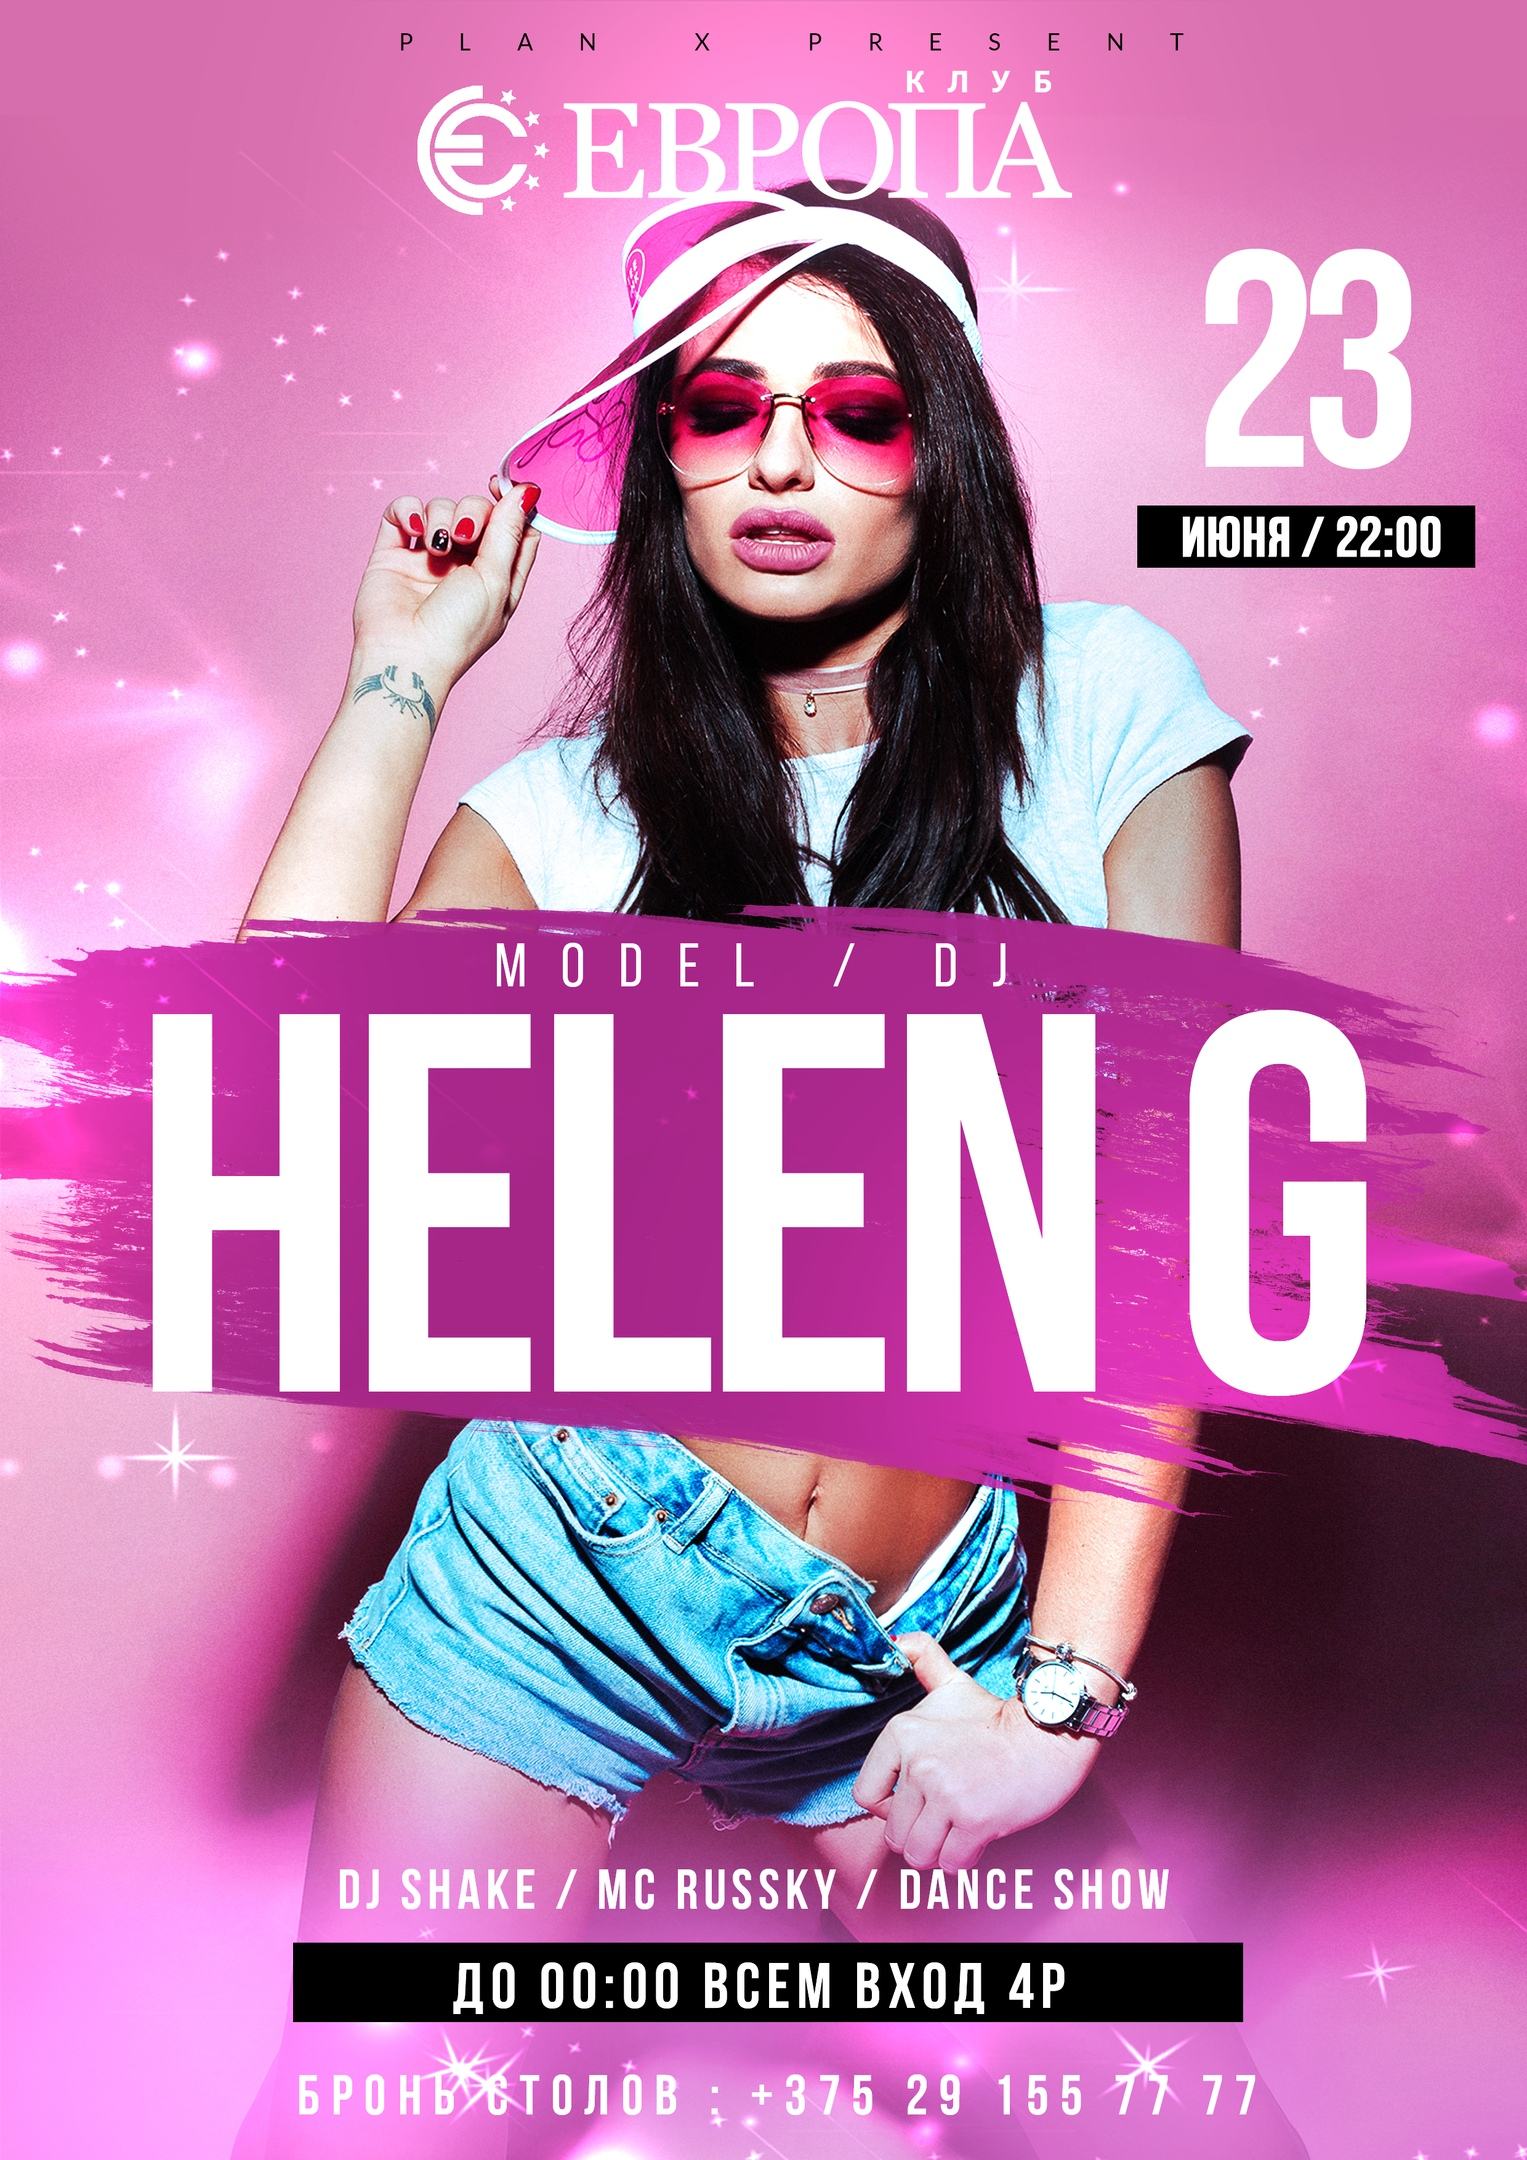 Афиша HELEN G в ночном клубе Европа